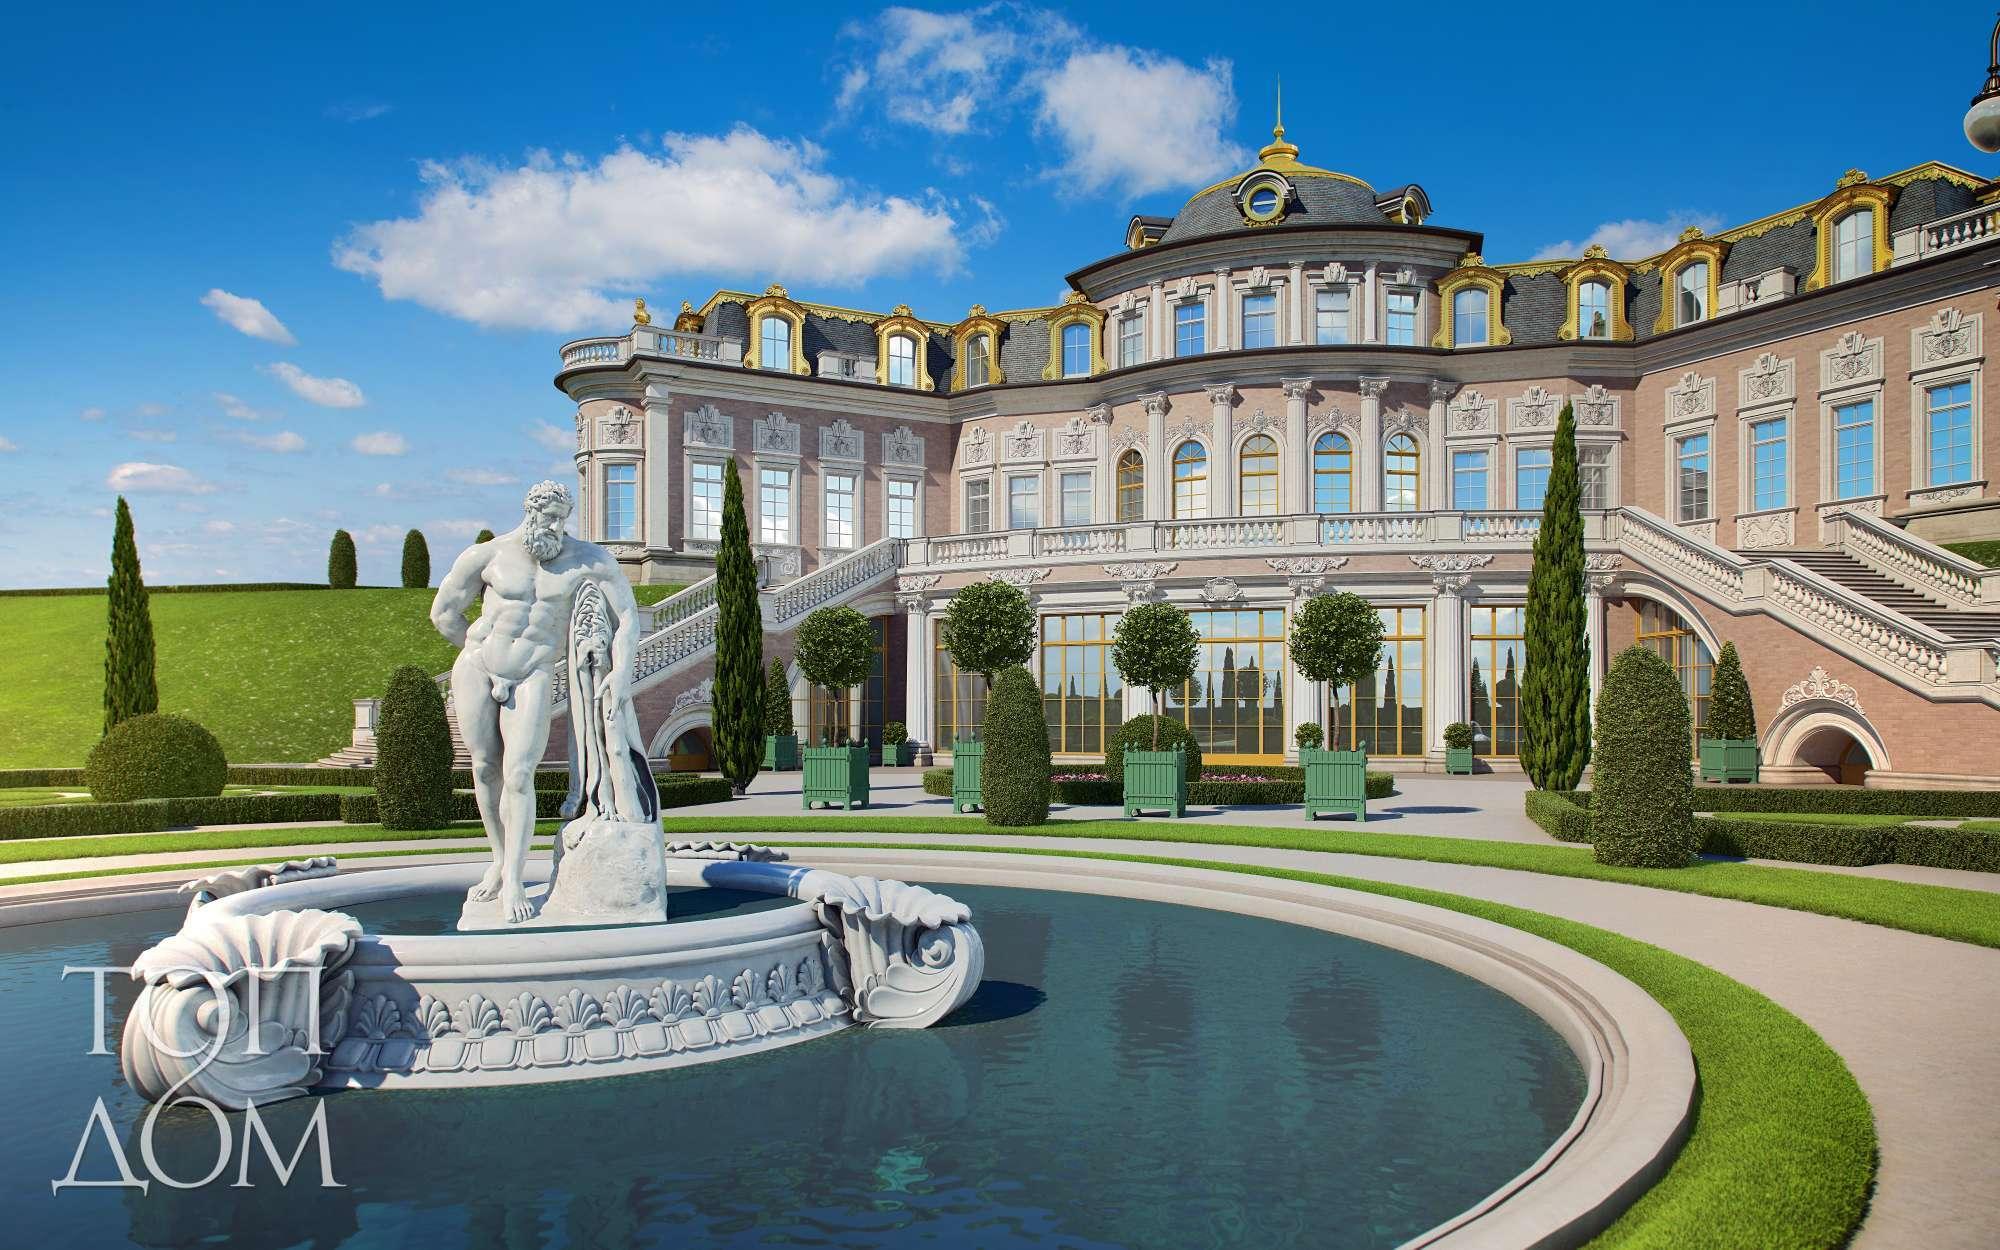 самые роскошные дворцы мира фото могут быть световые